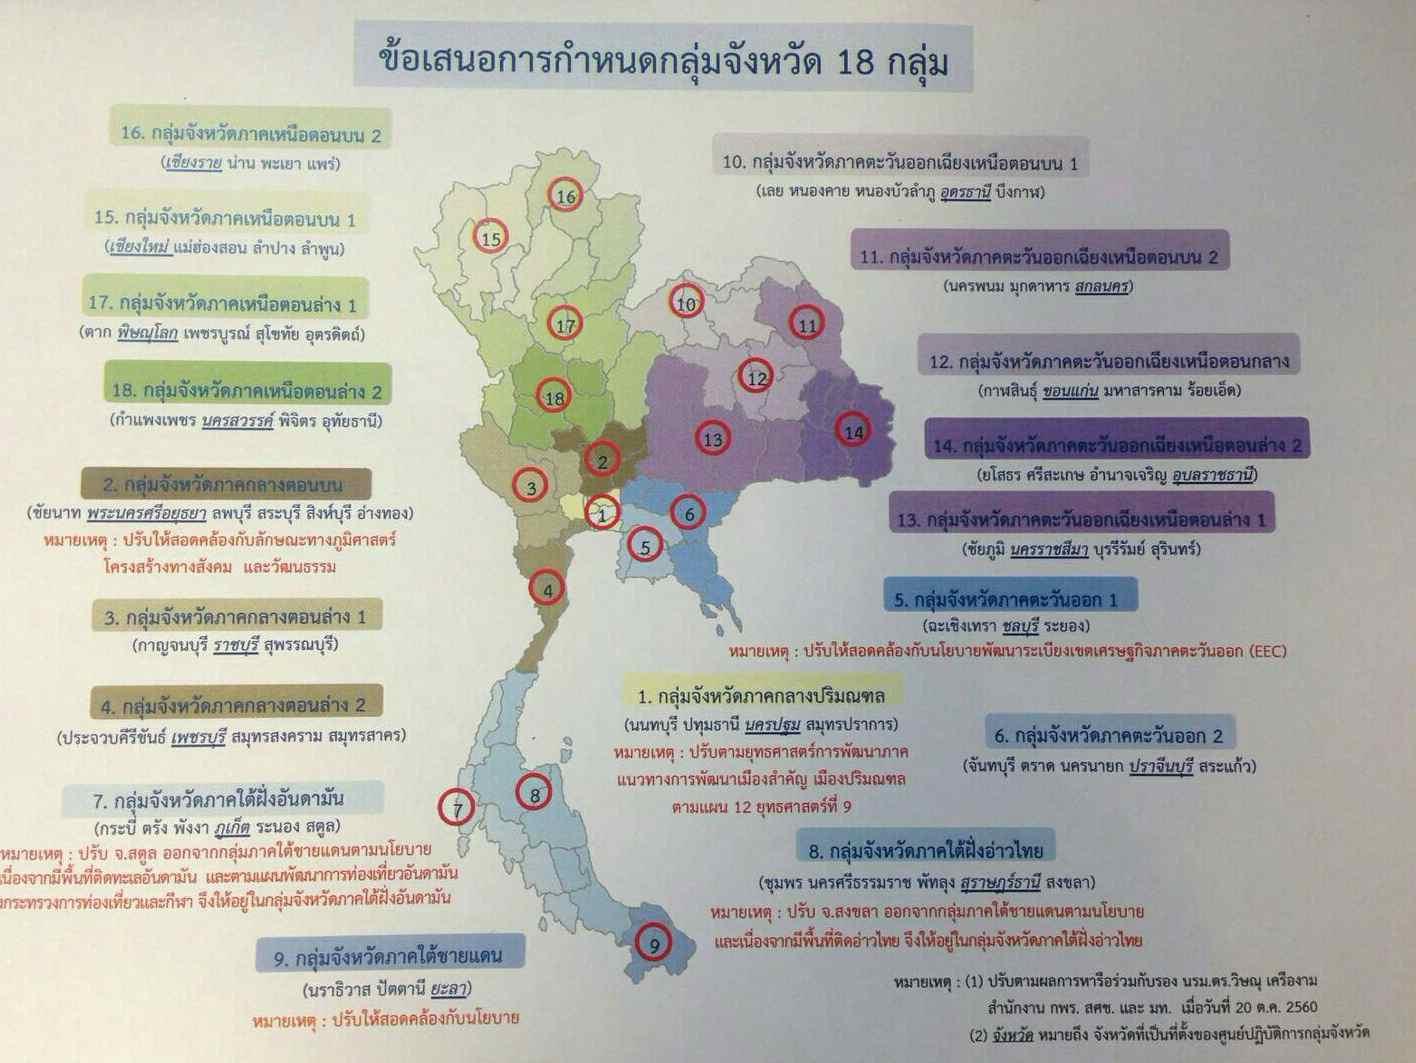 """""""บิ๊กป้อม""""ไฟเขียวปรับแผนใช้งบเหลือบูรณาการจังหวัด ปี62 กว่า 1.5 พันล้าน พบ""""ภาคใต้ฝั่งอ่าวไทย""""จ่ายค่าปรับความเสียหายให้เอกชนเพียบ!"""